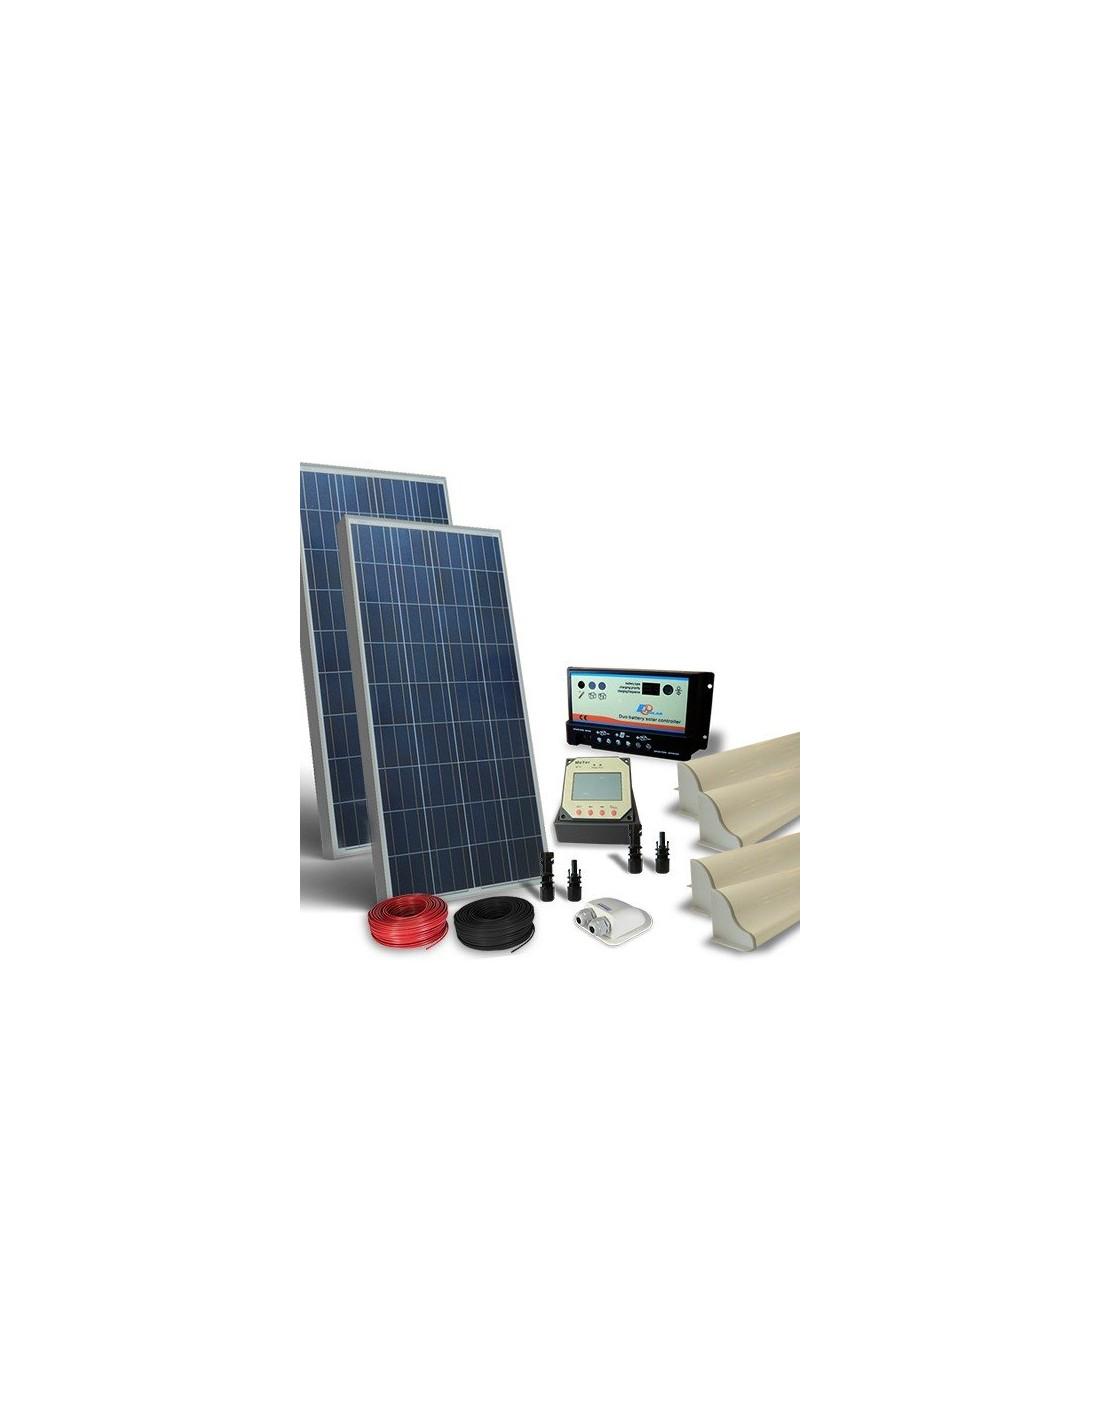 Kit Pannello Solare 10w : Kit solare camper w v pro pannello fotovoltaico